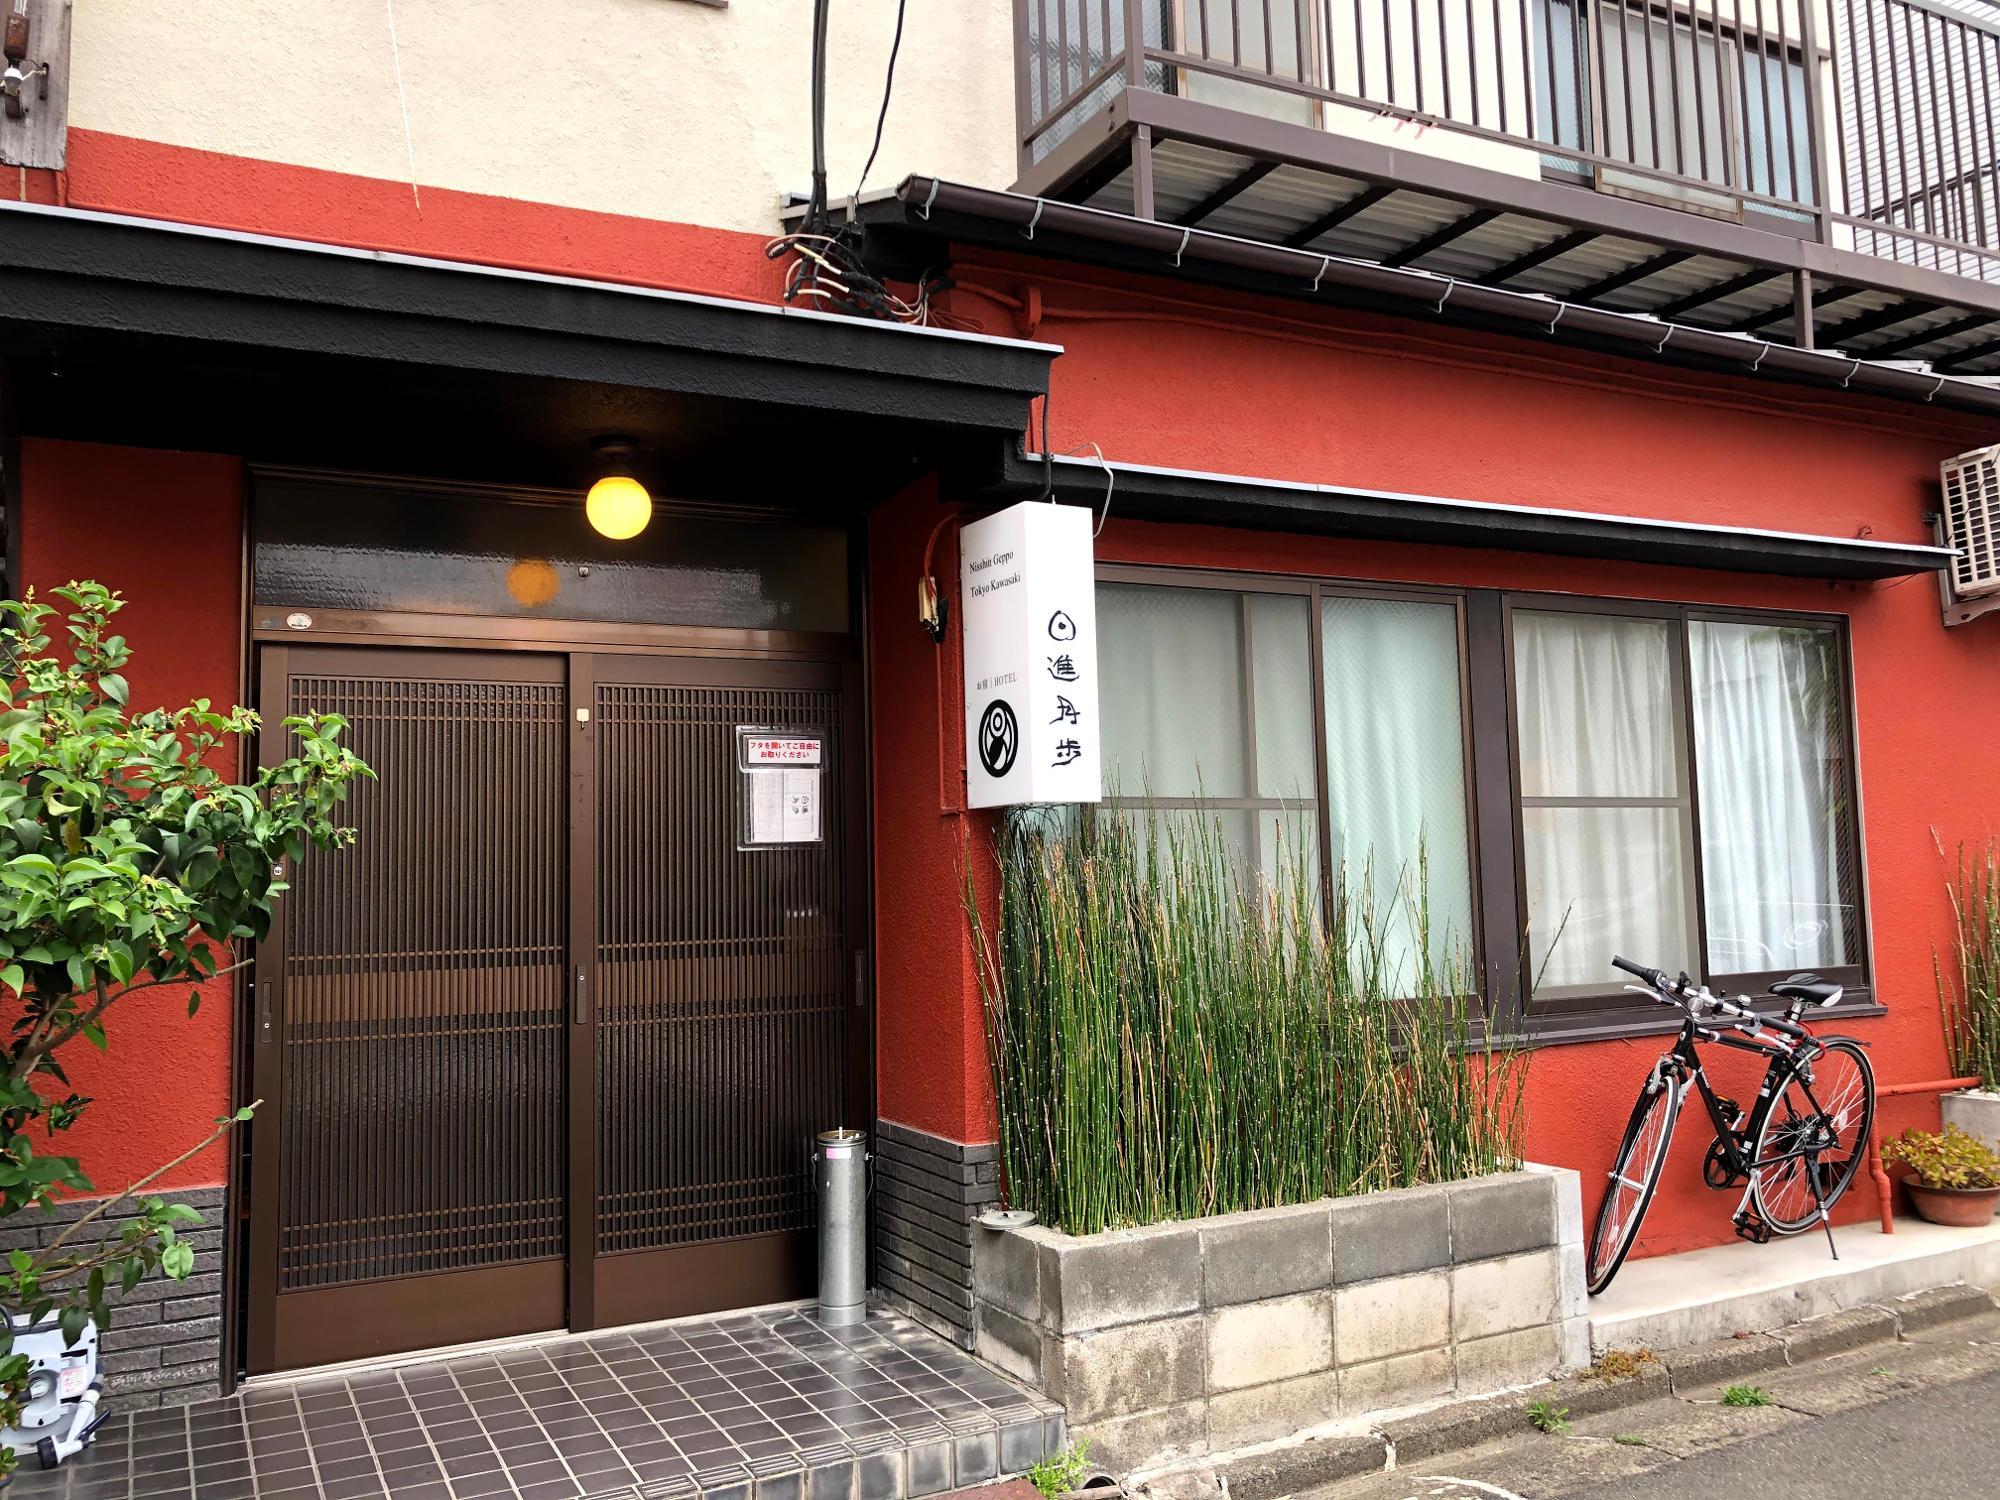 日進月歩の外観、一見京都の町屋旅館のようですね